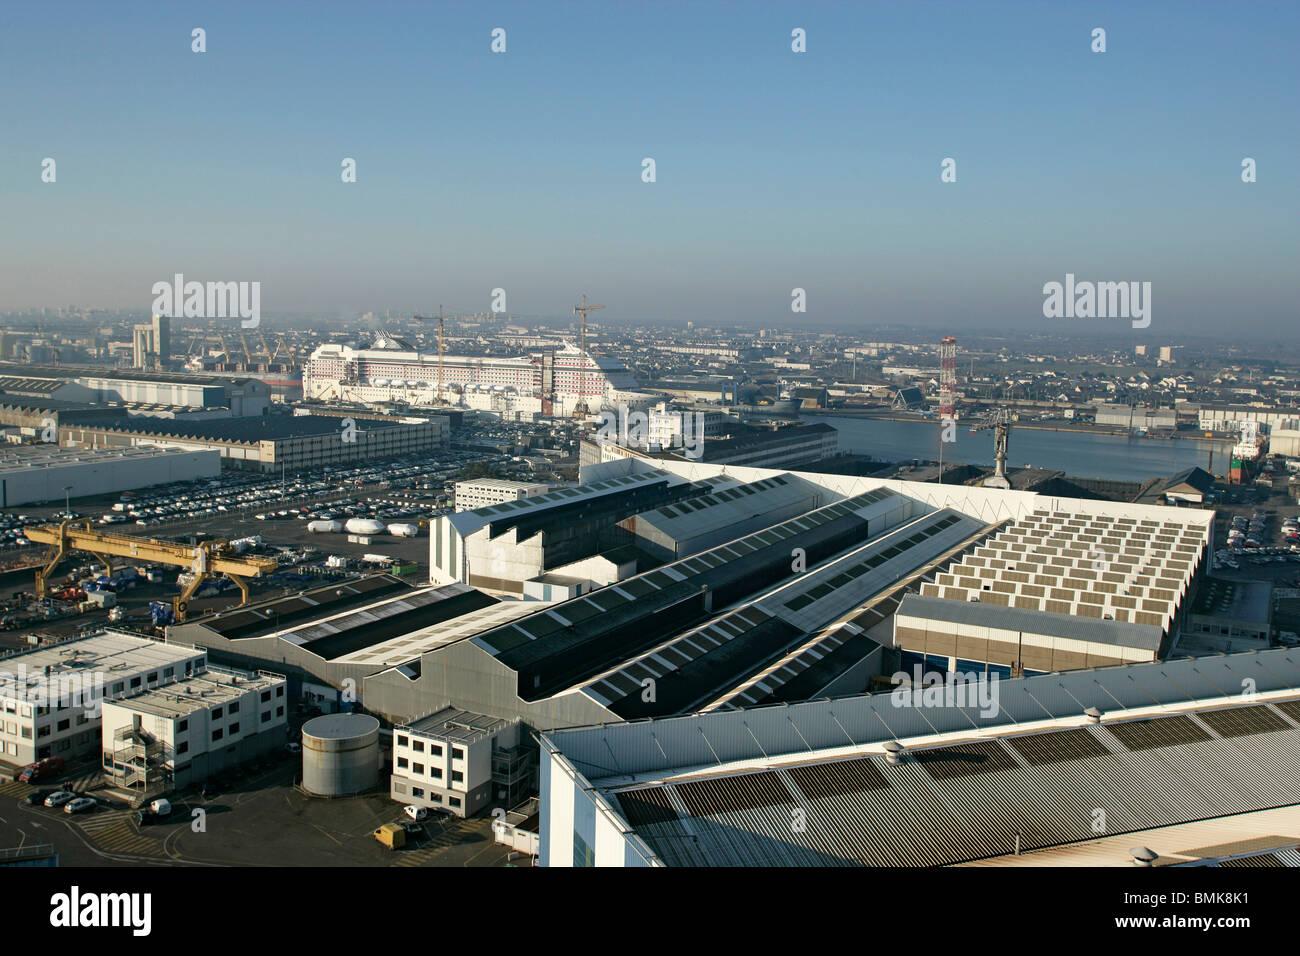 The 'Chantiers de l'Atlantique' shipyards in Saint-Nazaire - Stock Image